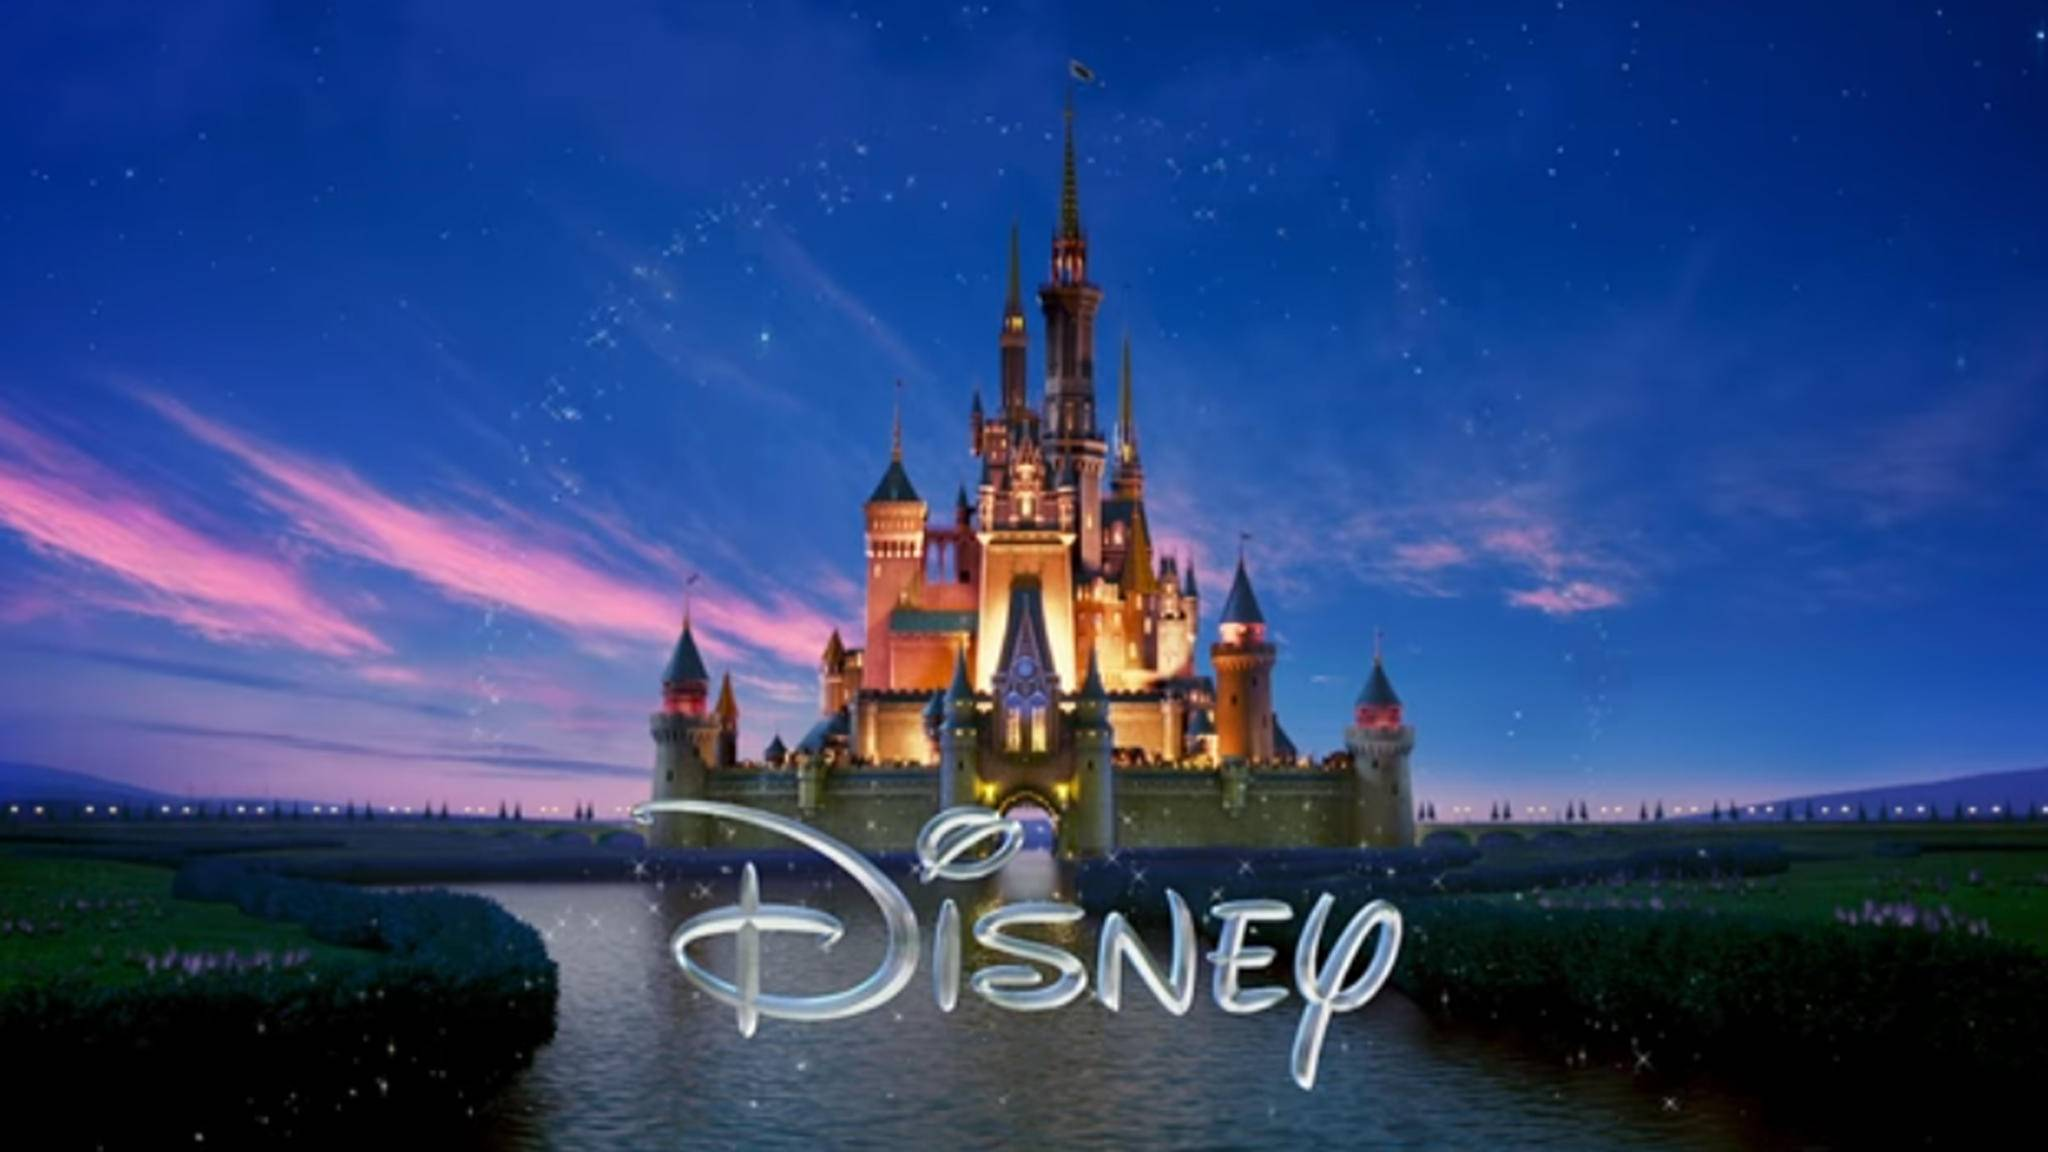 Fans des House of Mouse können sich das Datum schon mal im Kalender markieren: Disney+ startet am 31. März in Deutschland.